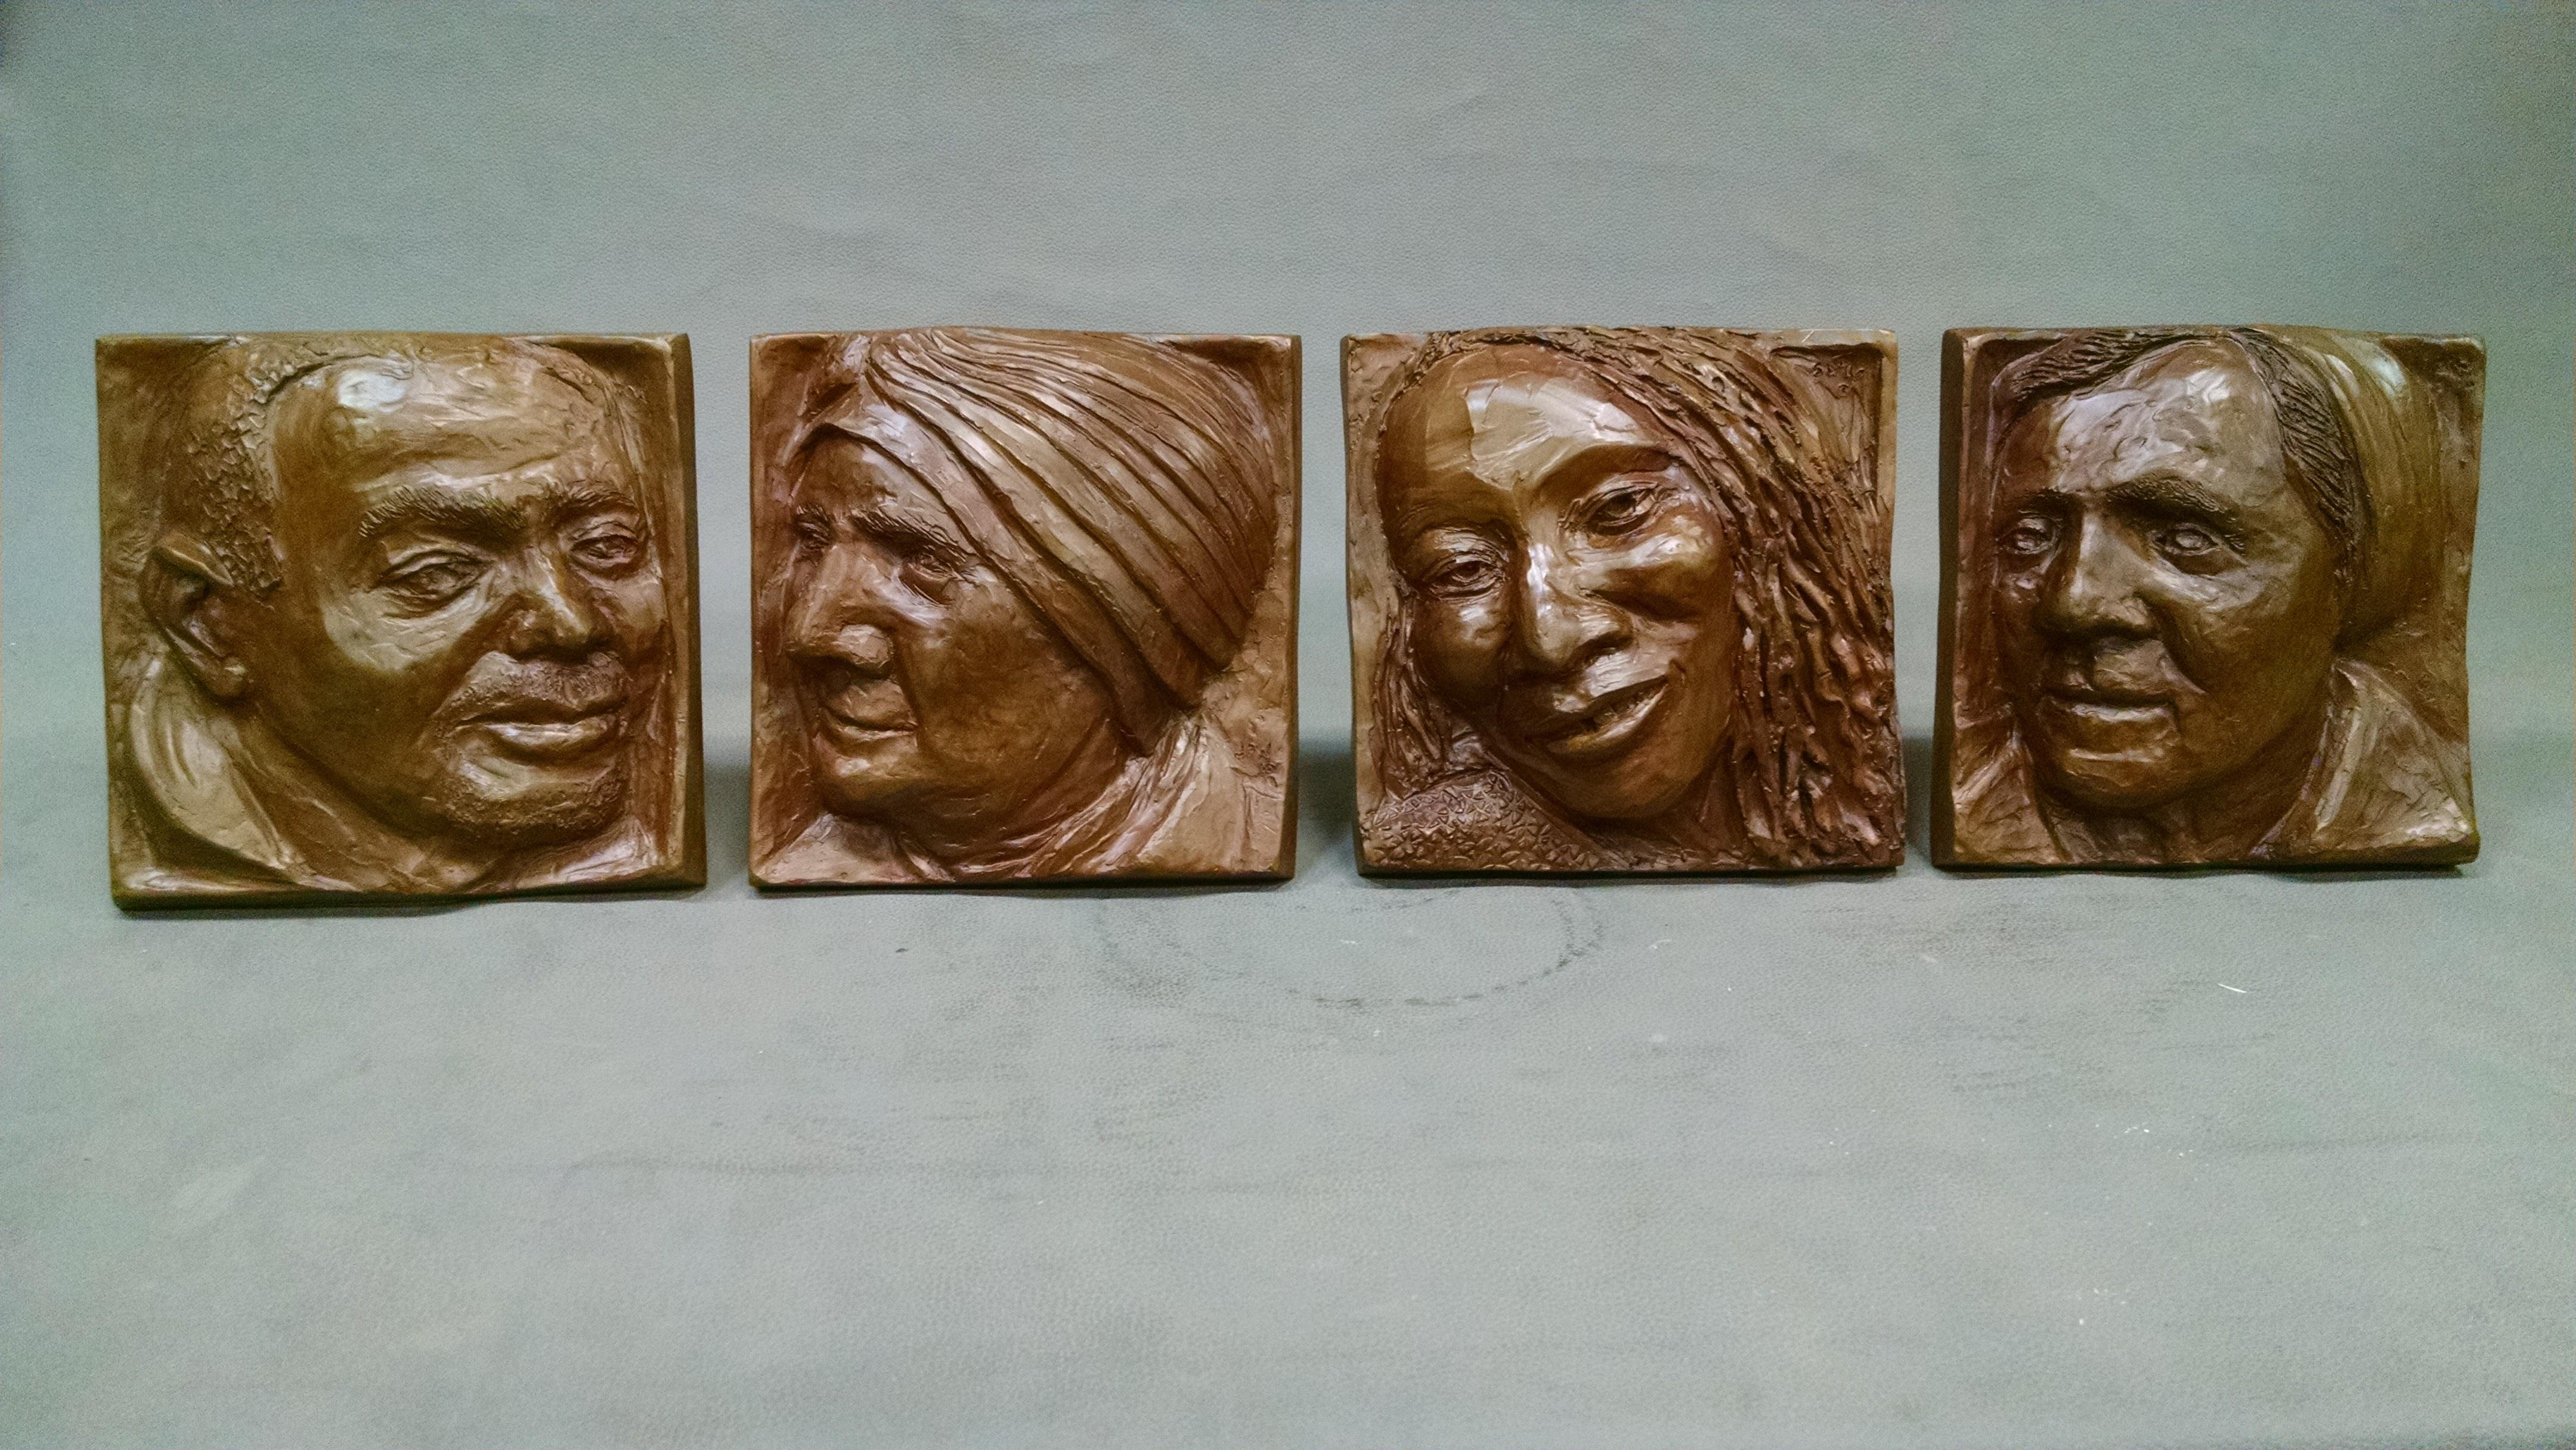 Artist: Sonja Henderson. Bronze